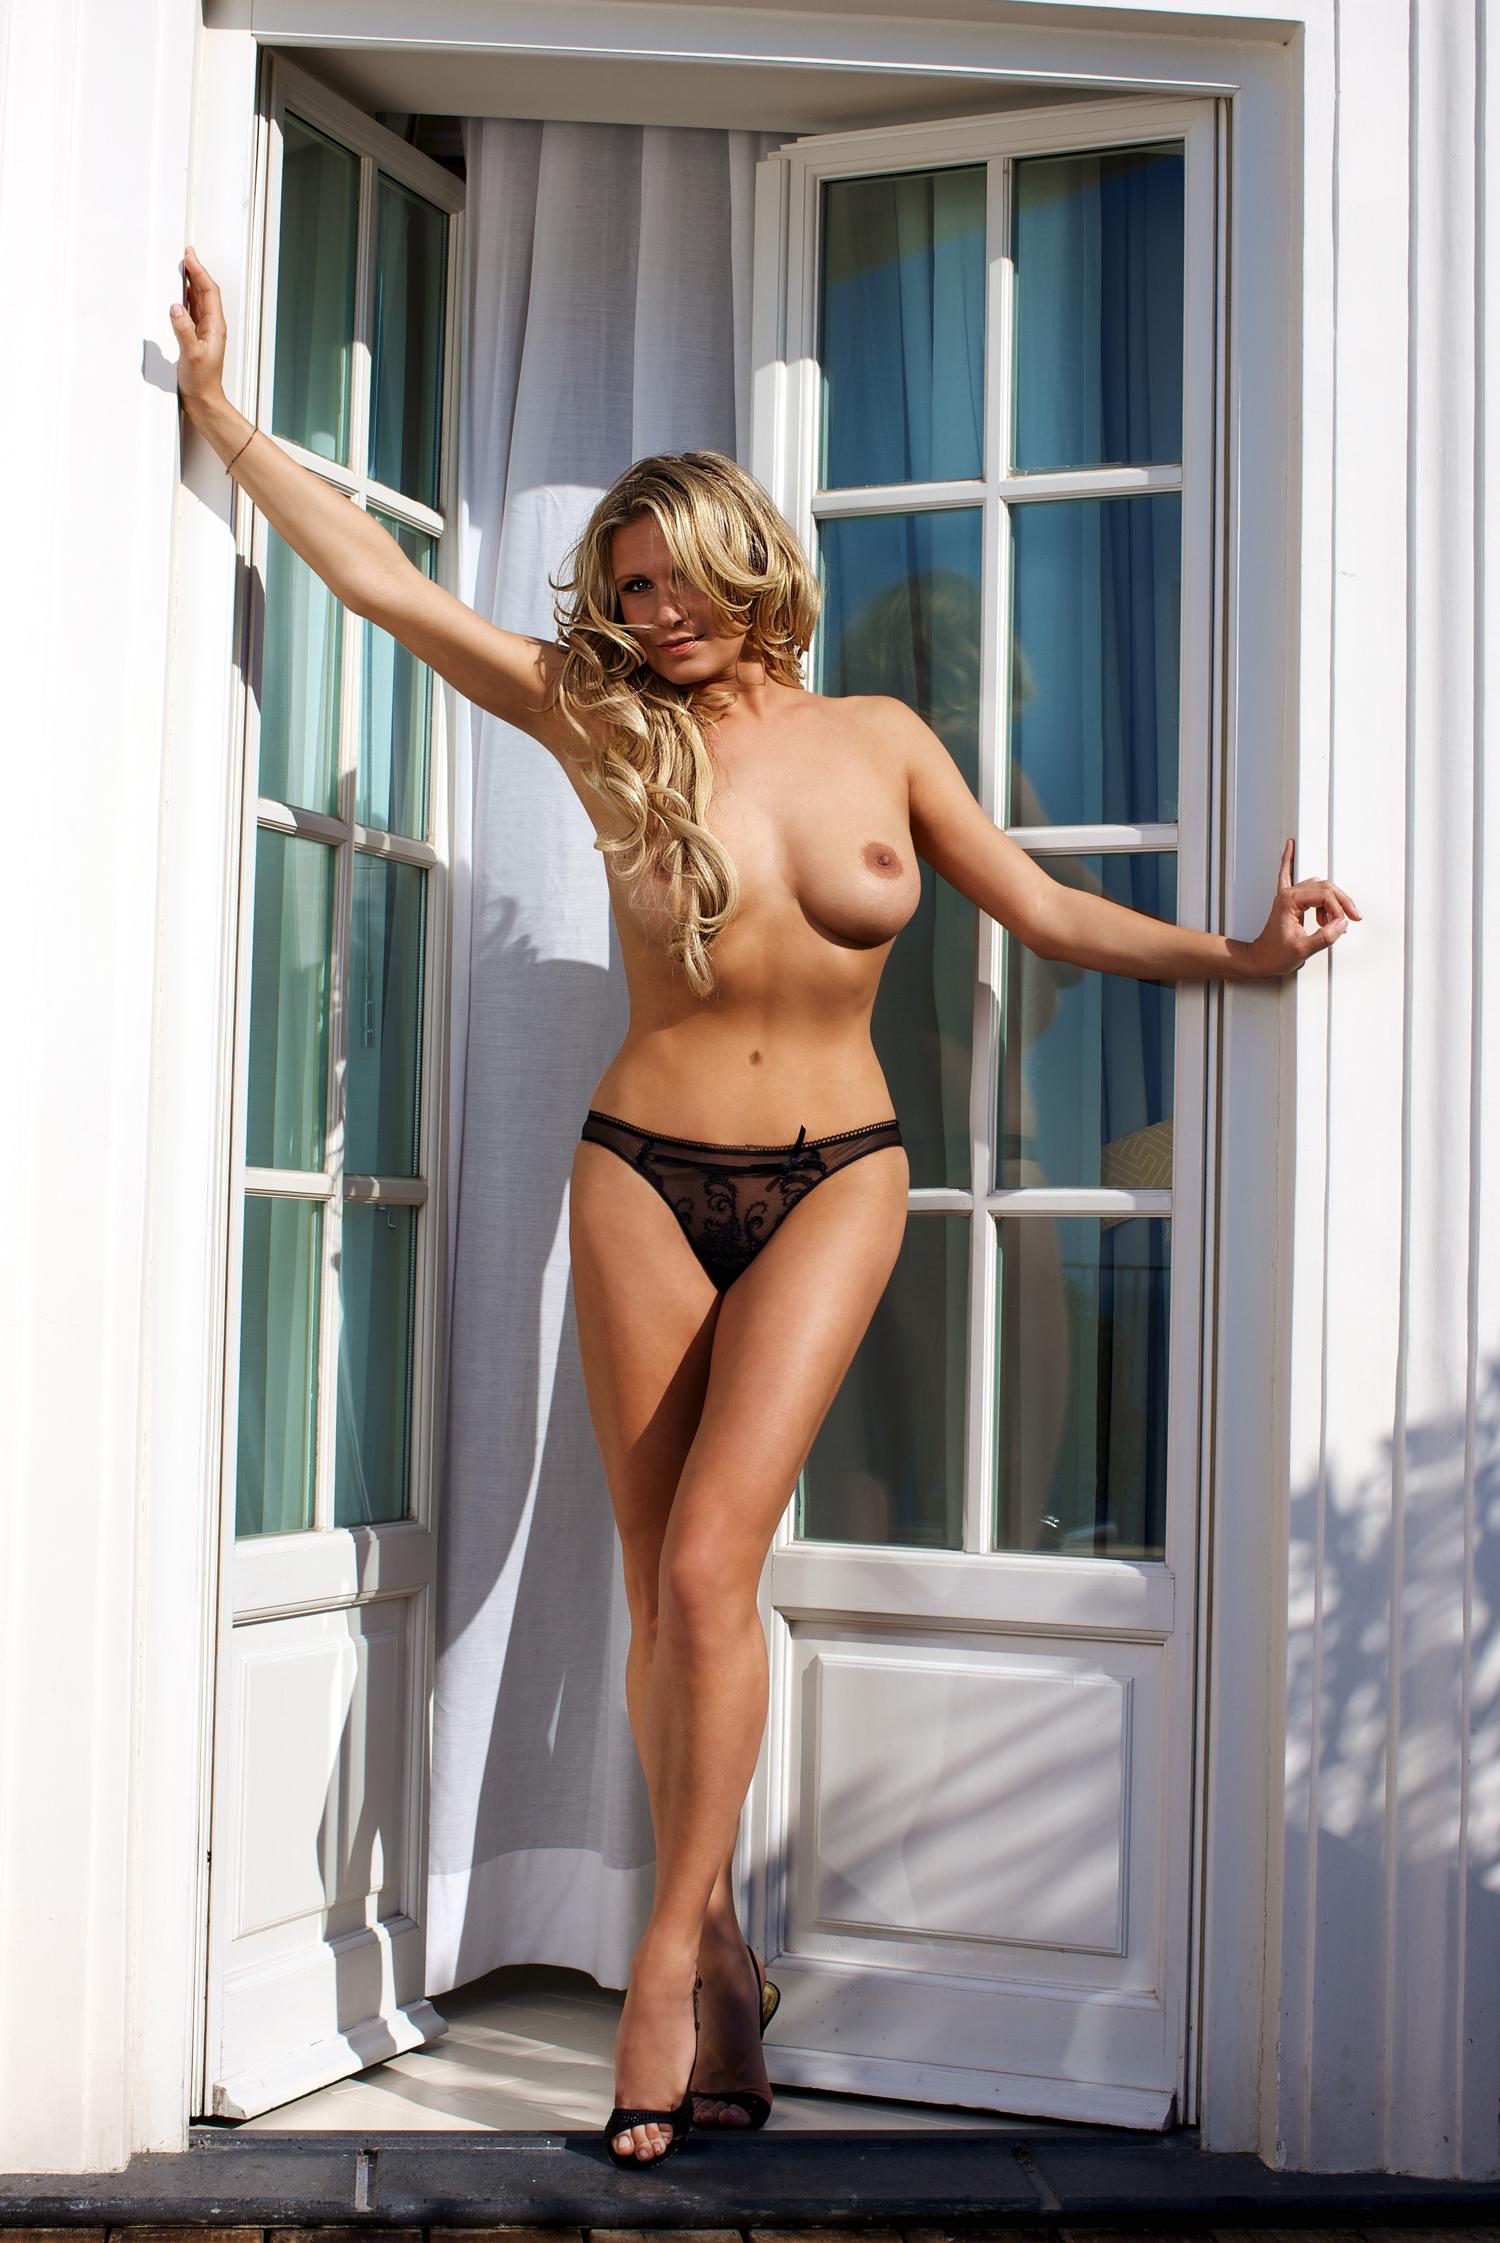 Магдалена Бжеска голая. Фото - 5